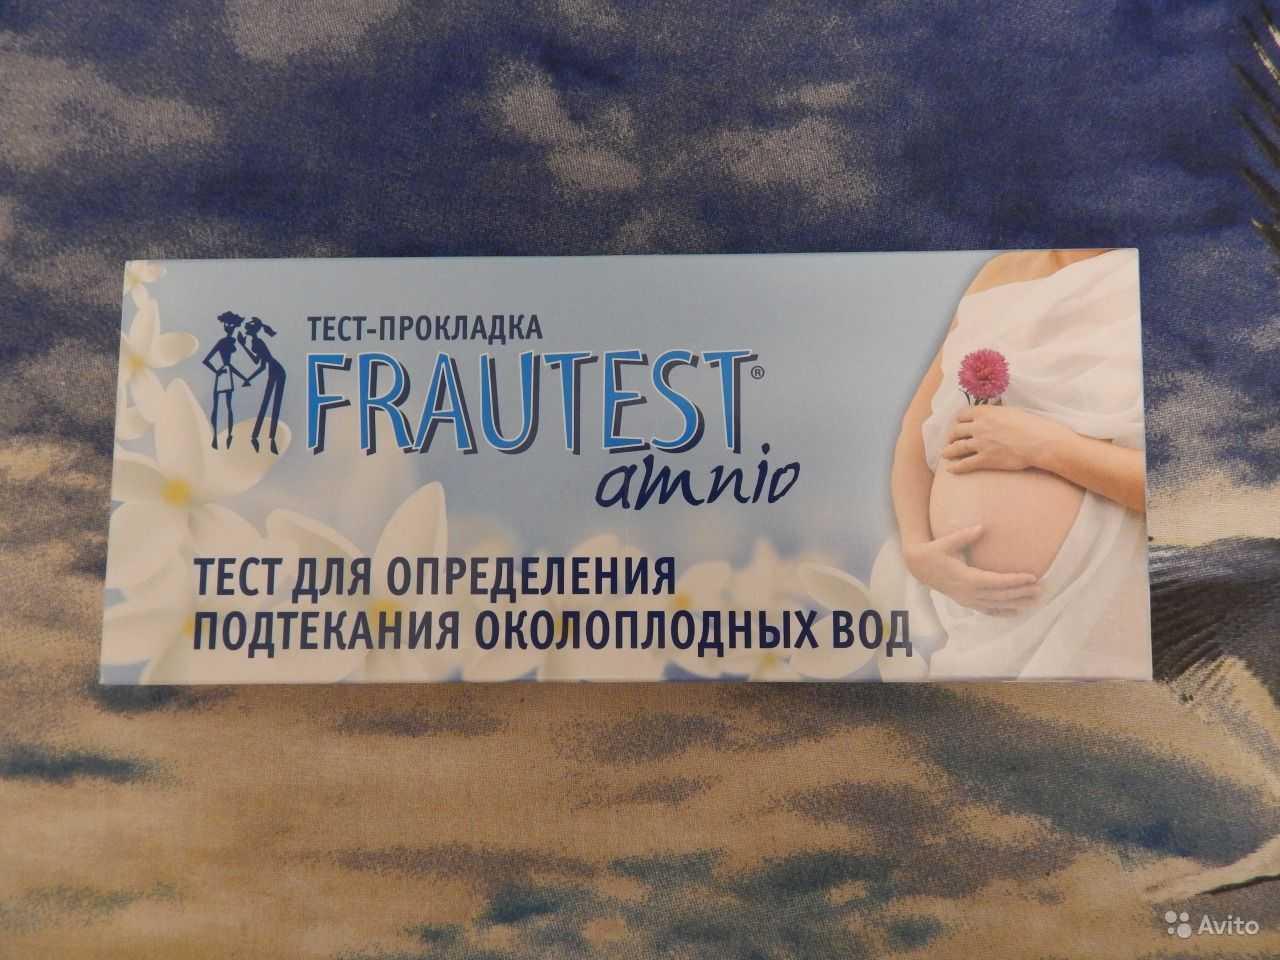 Околоплодные воды, амниотическая жидкость - излитие, подтекание, тест для определения подтекания околоплодных вод - frautest